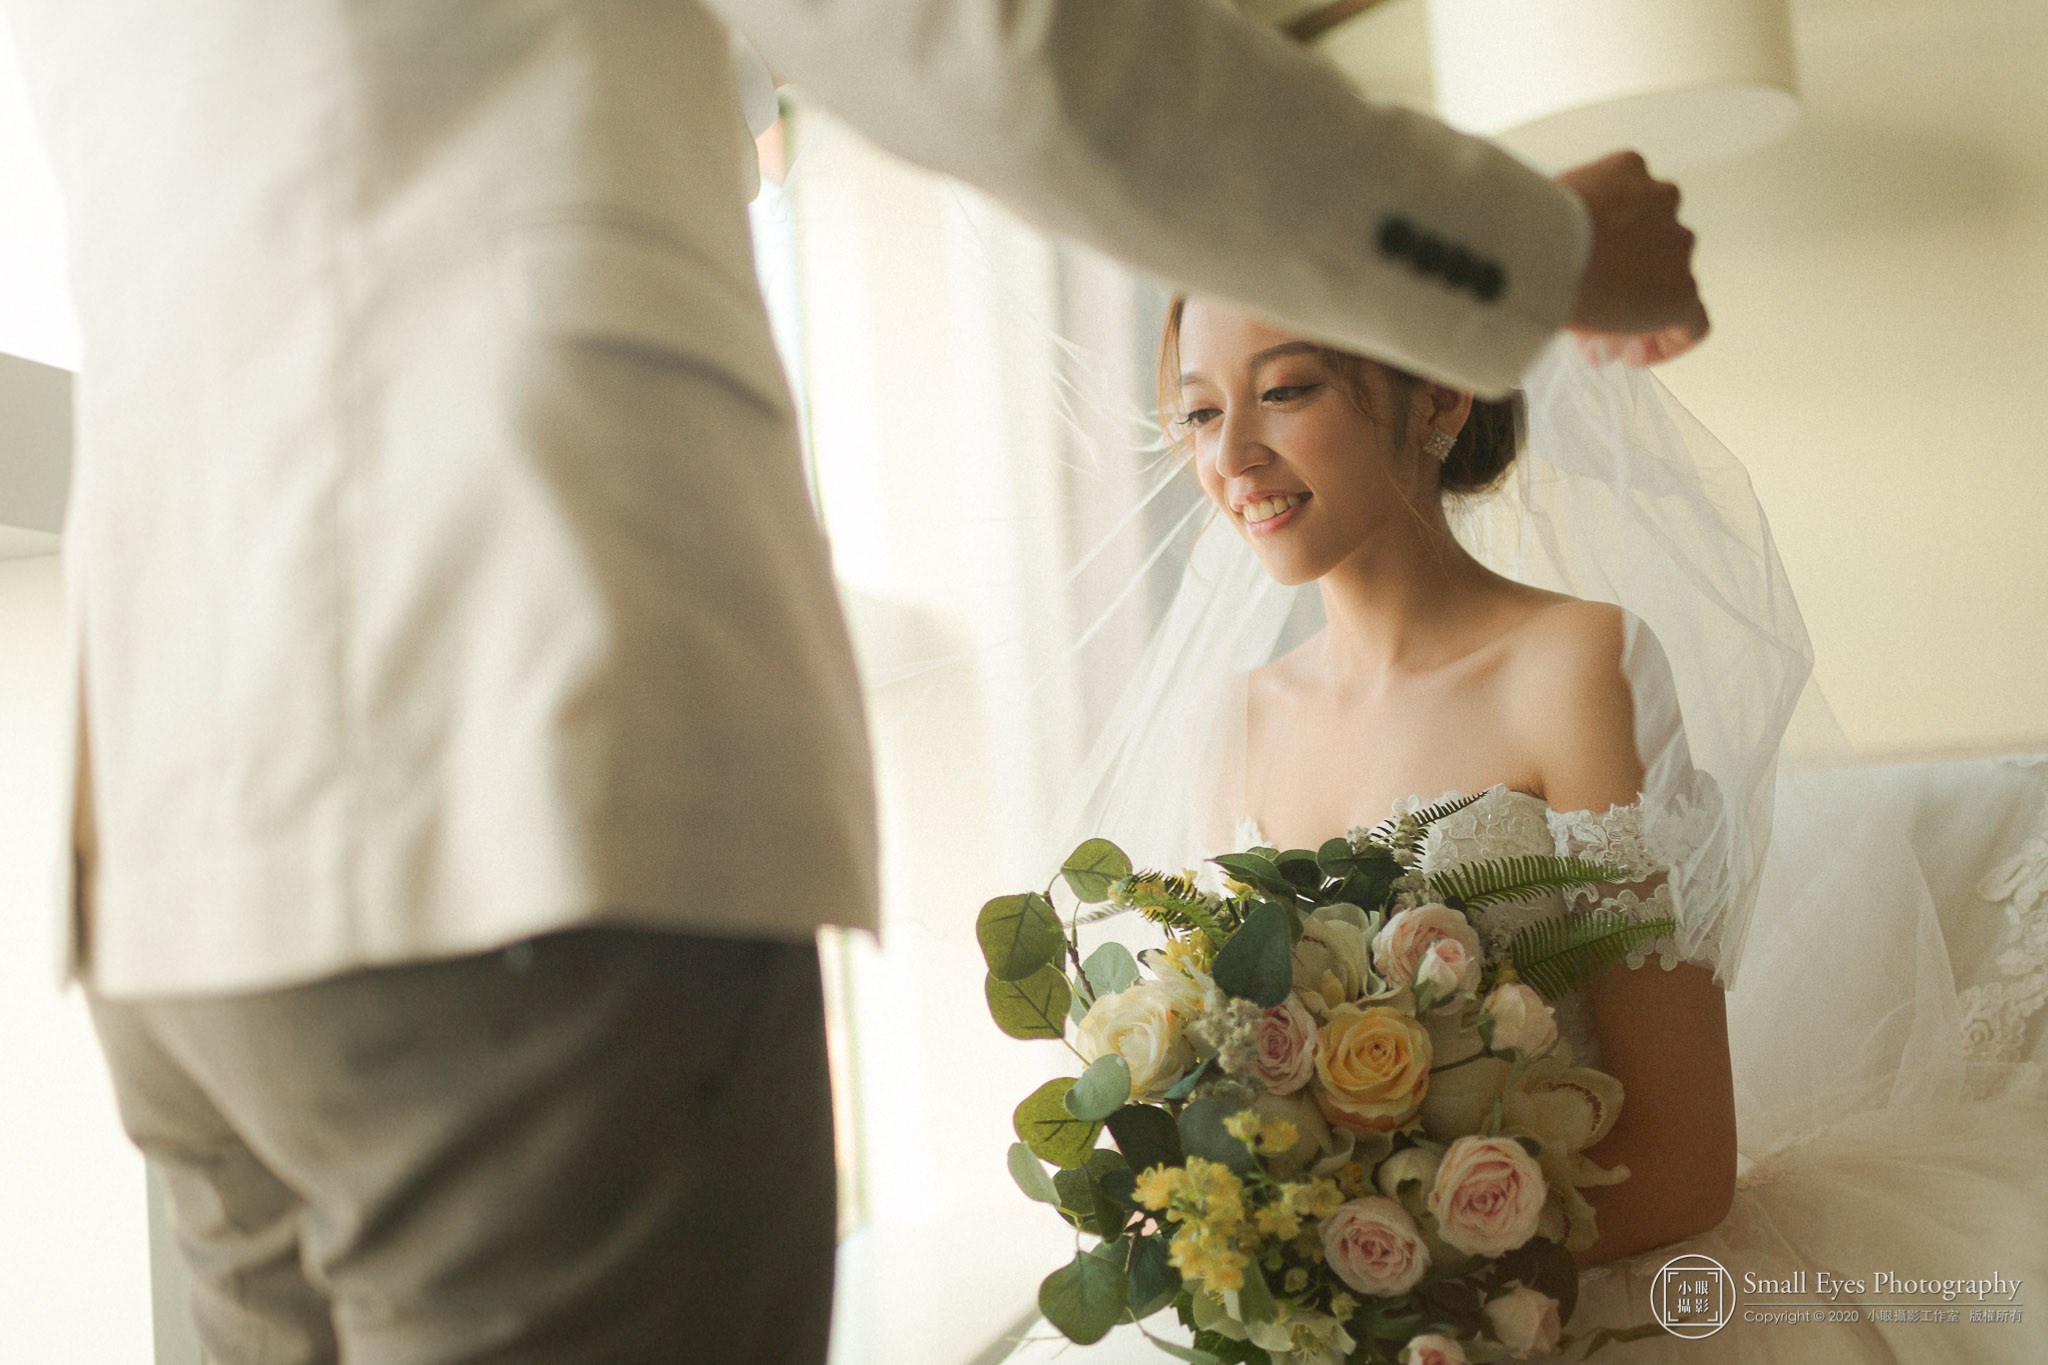 小眼攝影,小眼,婚攝,訂婚,傅祐承,台北,婚禮攝影,婚禮紀實,婚禮紀錄,推薦,文訂,迎娶,文定,婚禮,裸背,頭紗,白紗,新秘瓜瓜